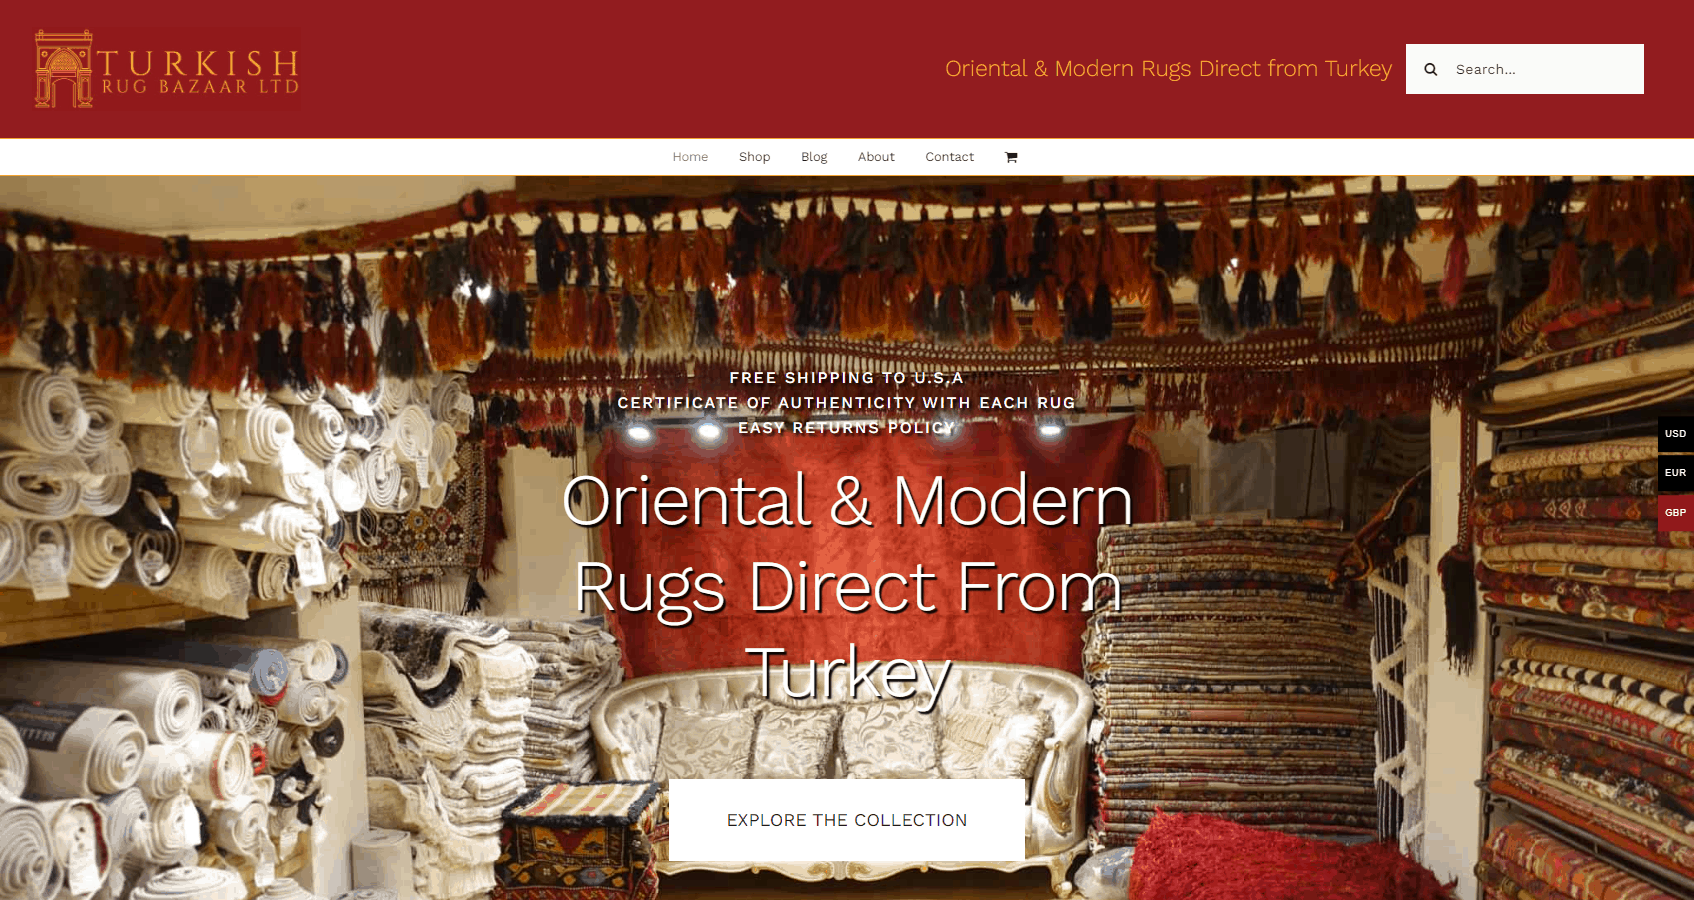 Turkish Rug Bazaar Ltd